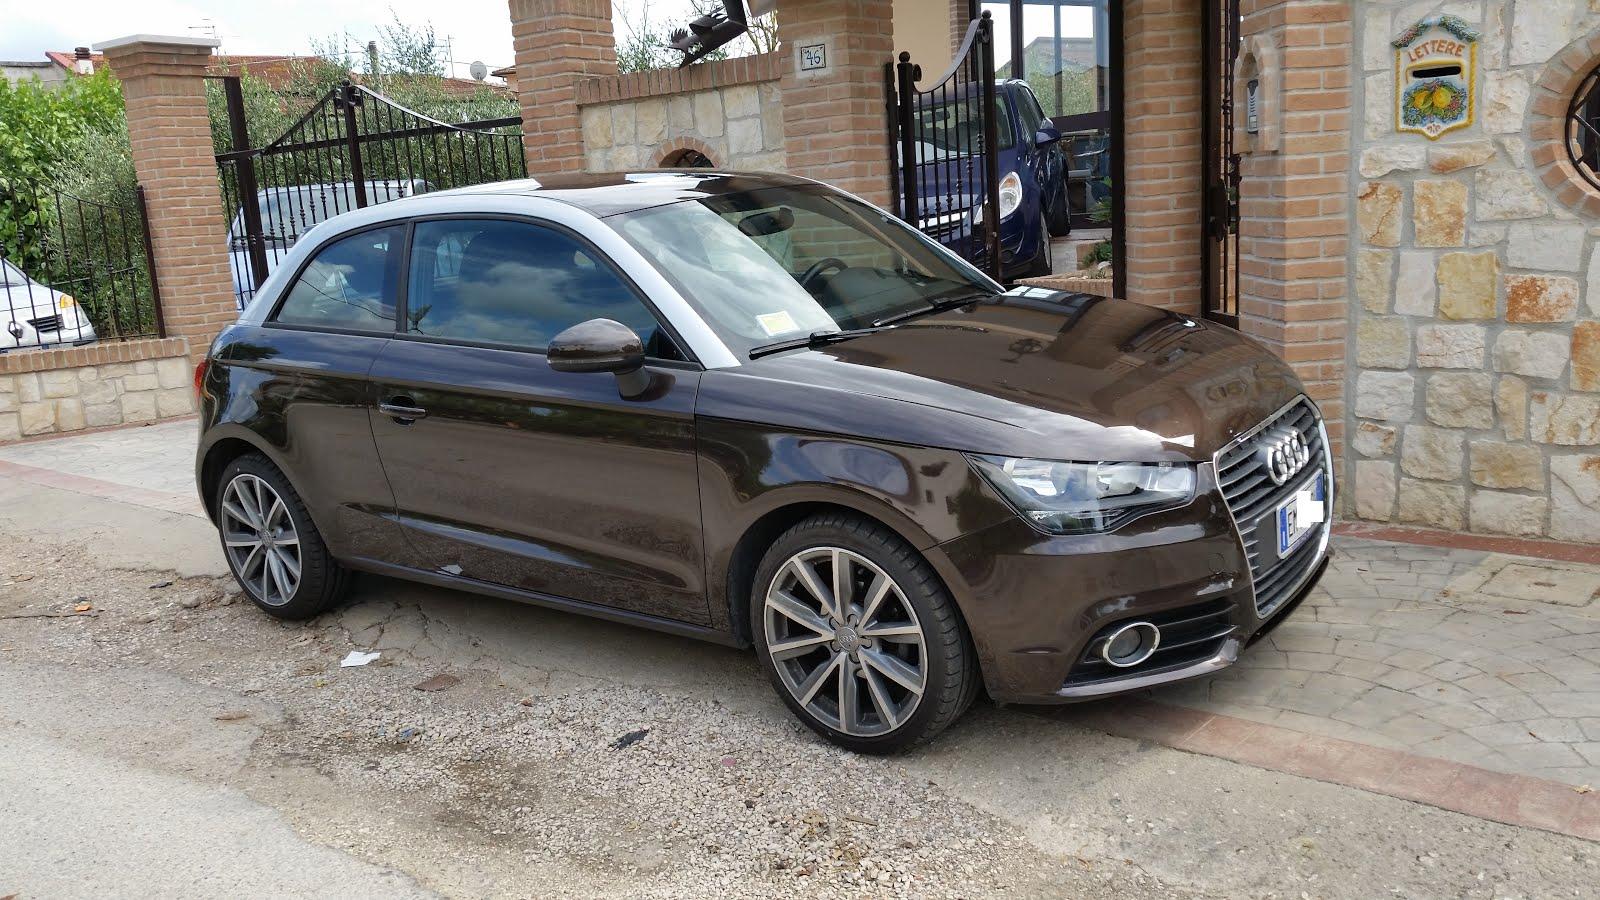 Audi A1 1.6 Tdi 90 CV Ambition bicolore Anno 2012 Cerchi in lega 17 super accessoriata